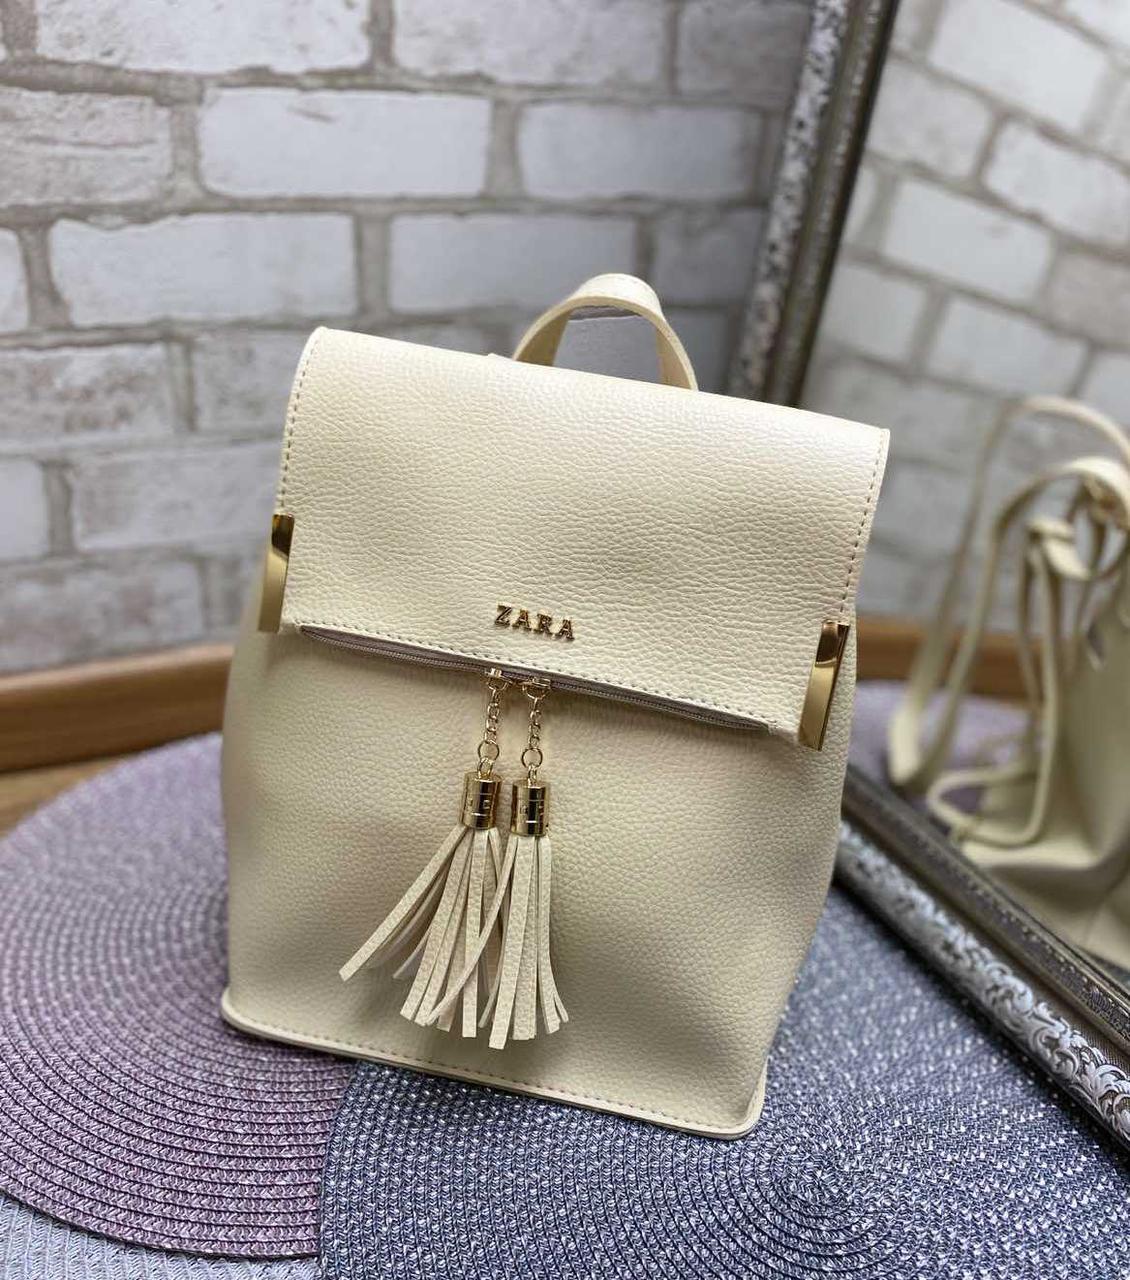 Рюкзак бежевый женский молодежный городской модный брендовый рюкзачок кожзам